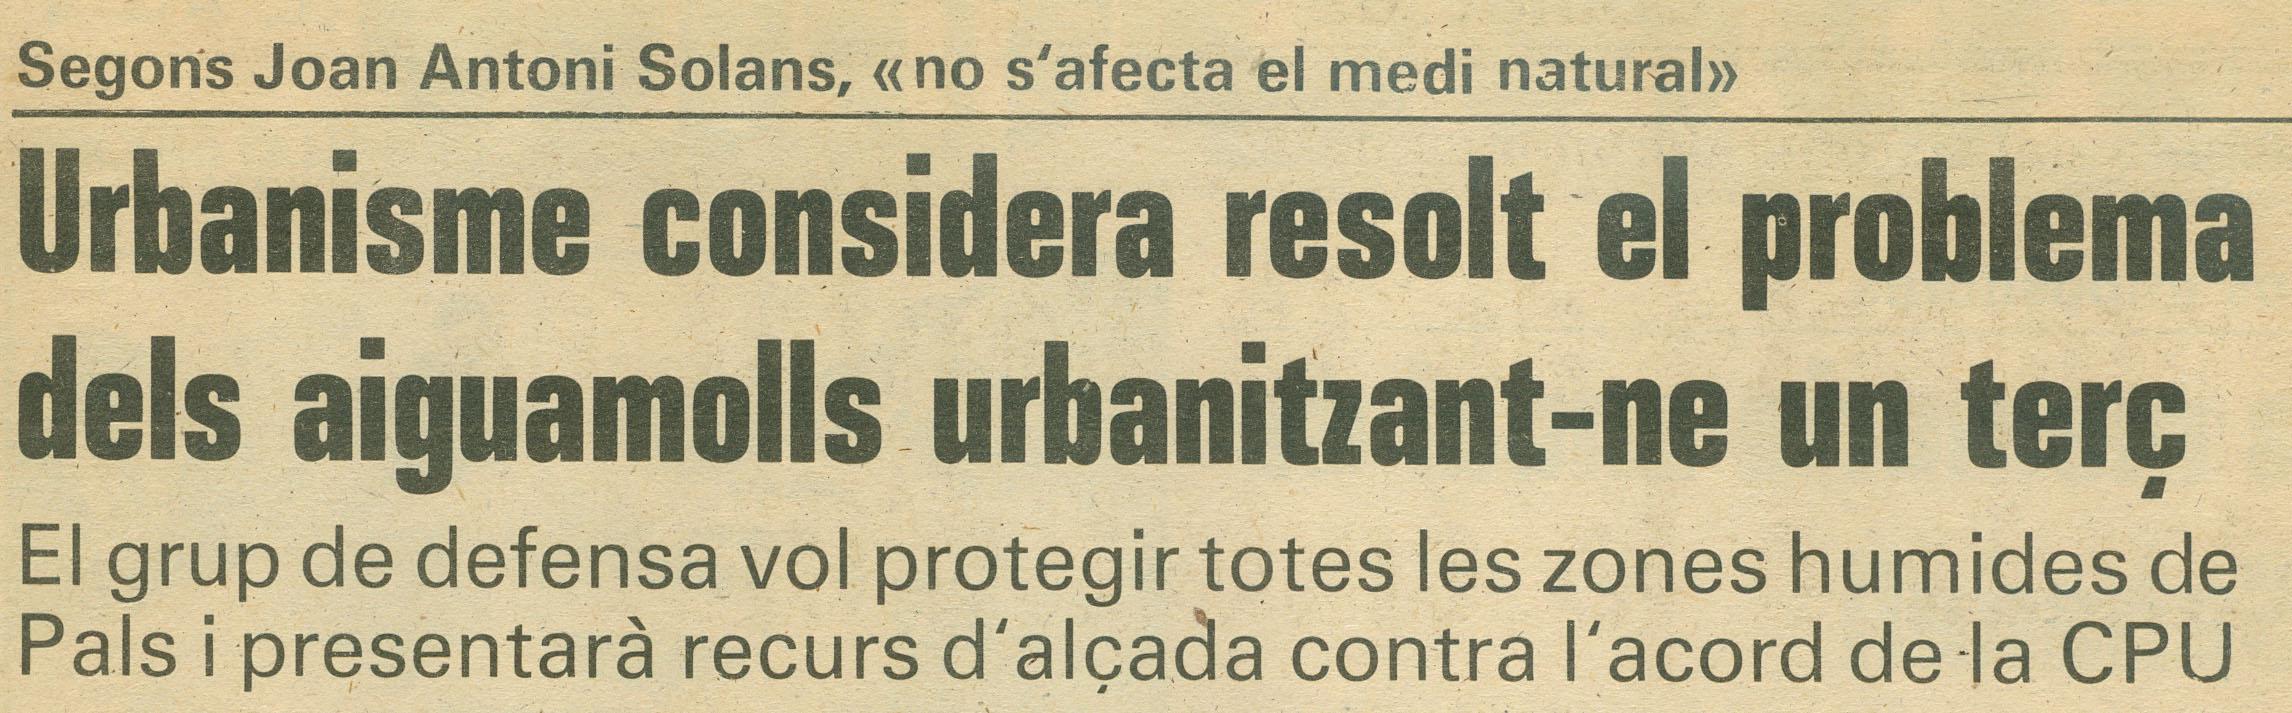 Los Sitios, 15-3-1986